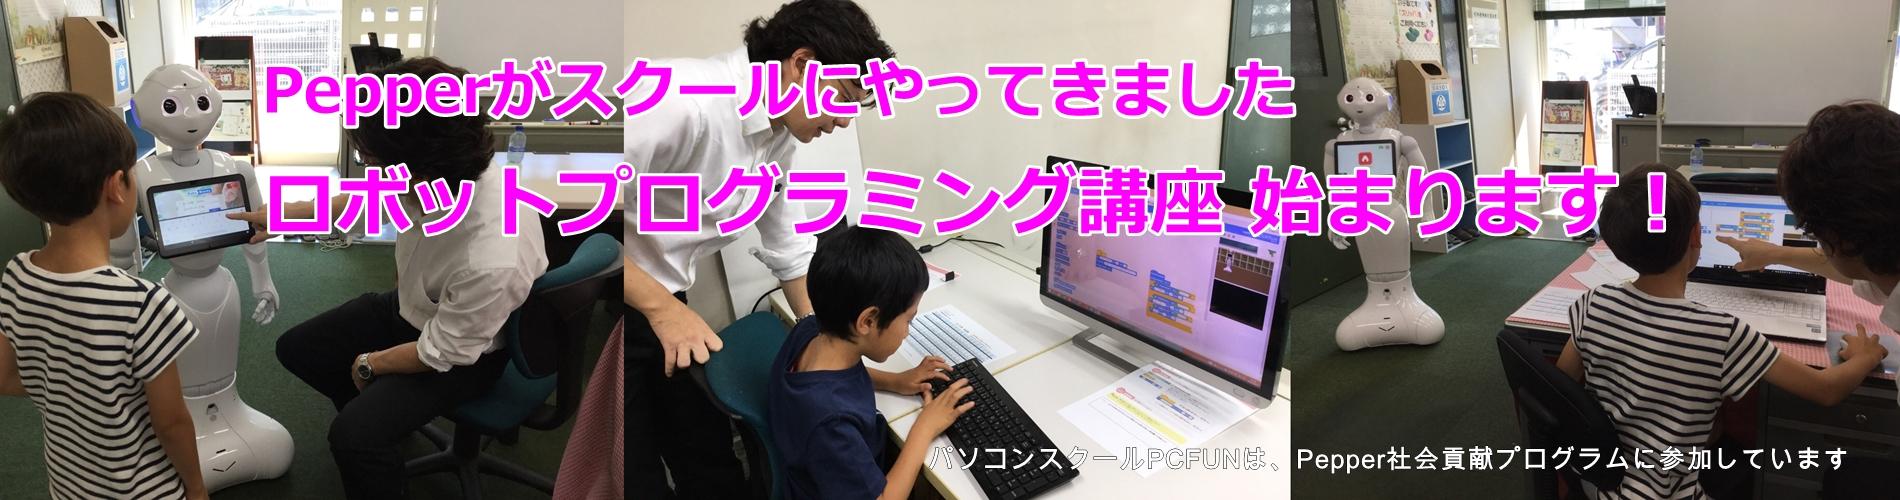 Pepperを使ったロボットプログラミング講座イメージ画像